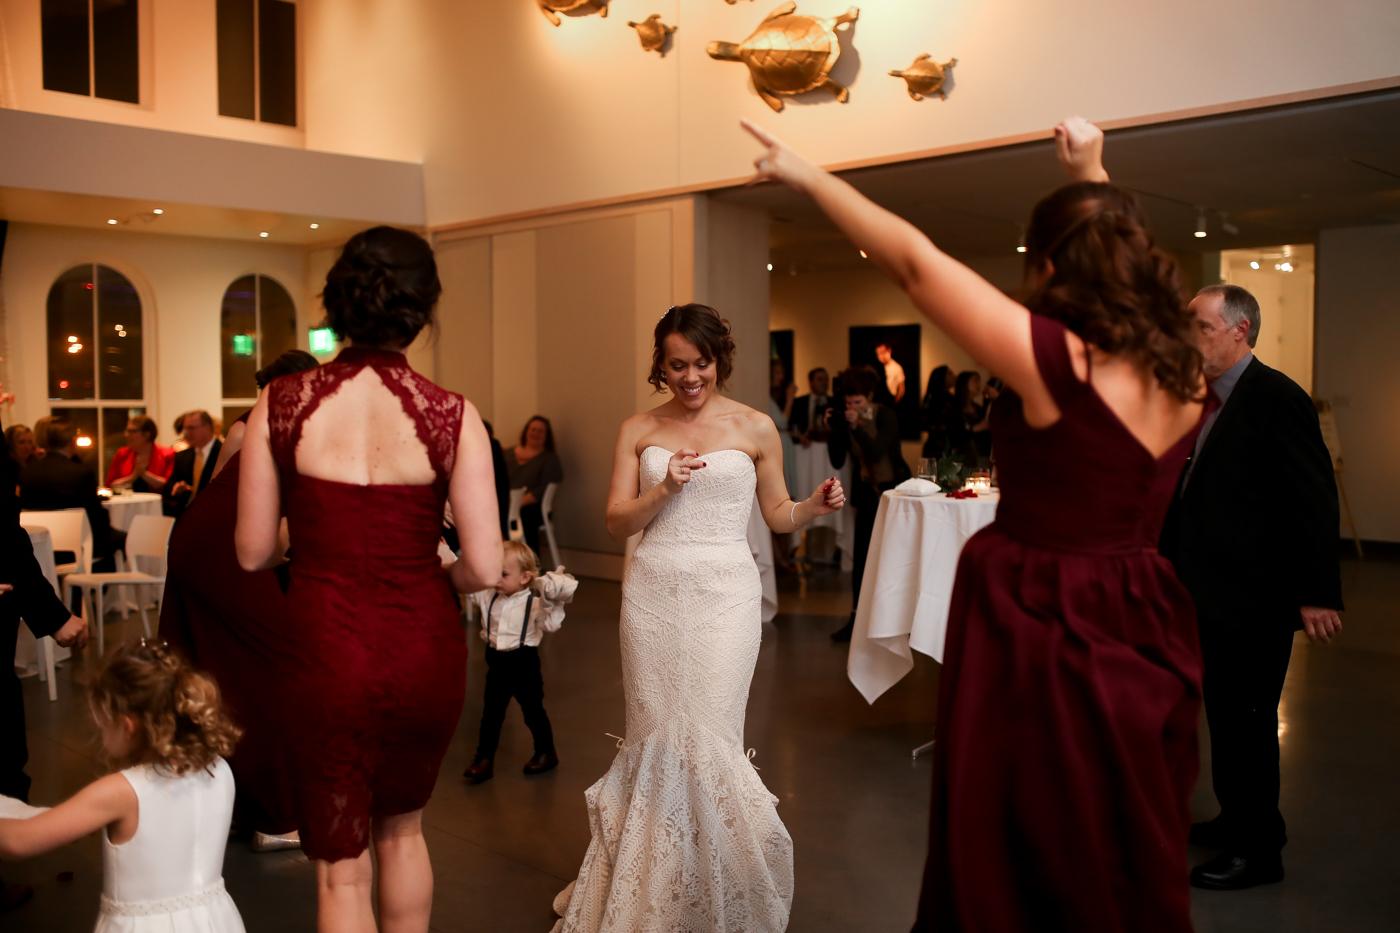 21C-Museum-Hotel-Lexington-Kentucky-Best-Wedding-Photographer-26.jpg